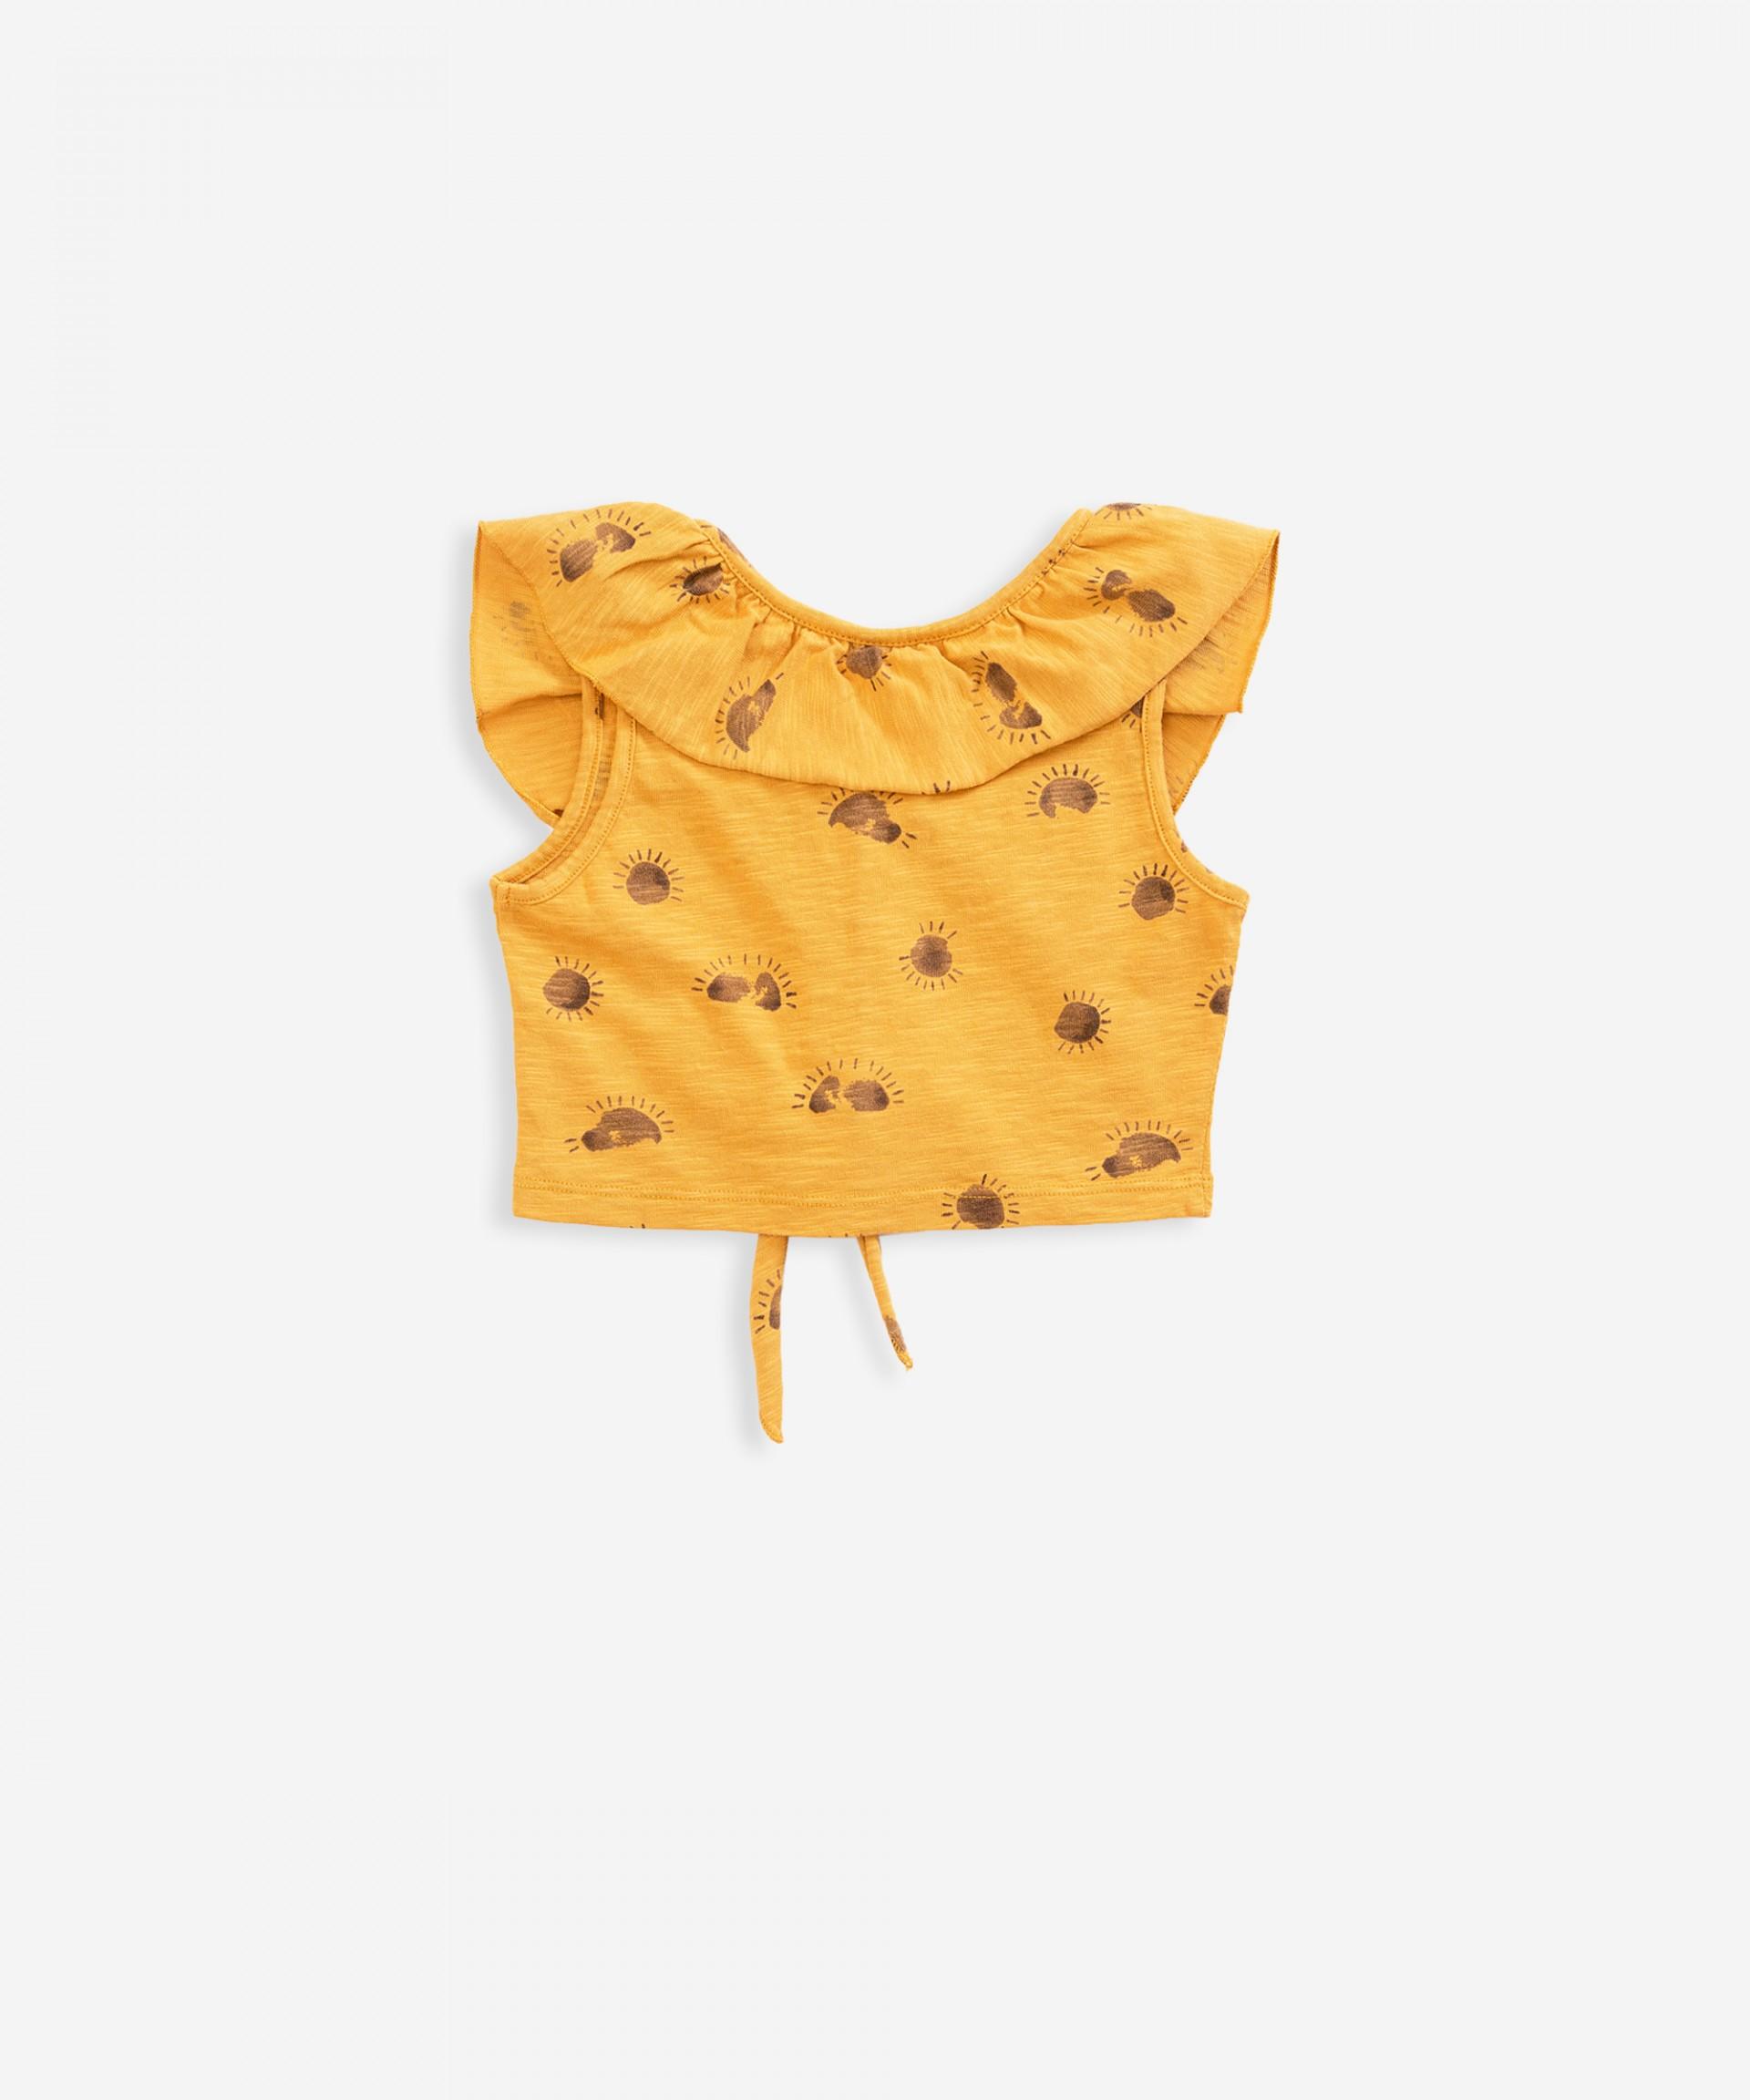 Camisola sem mangas com abertura de botões | Weaving